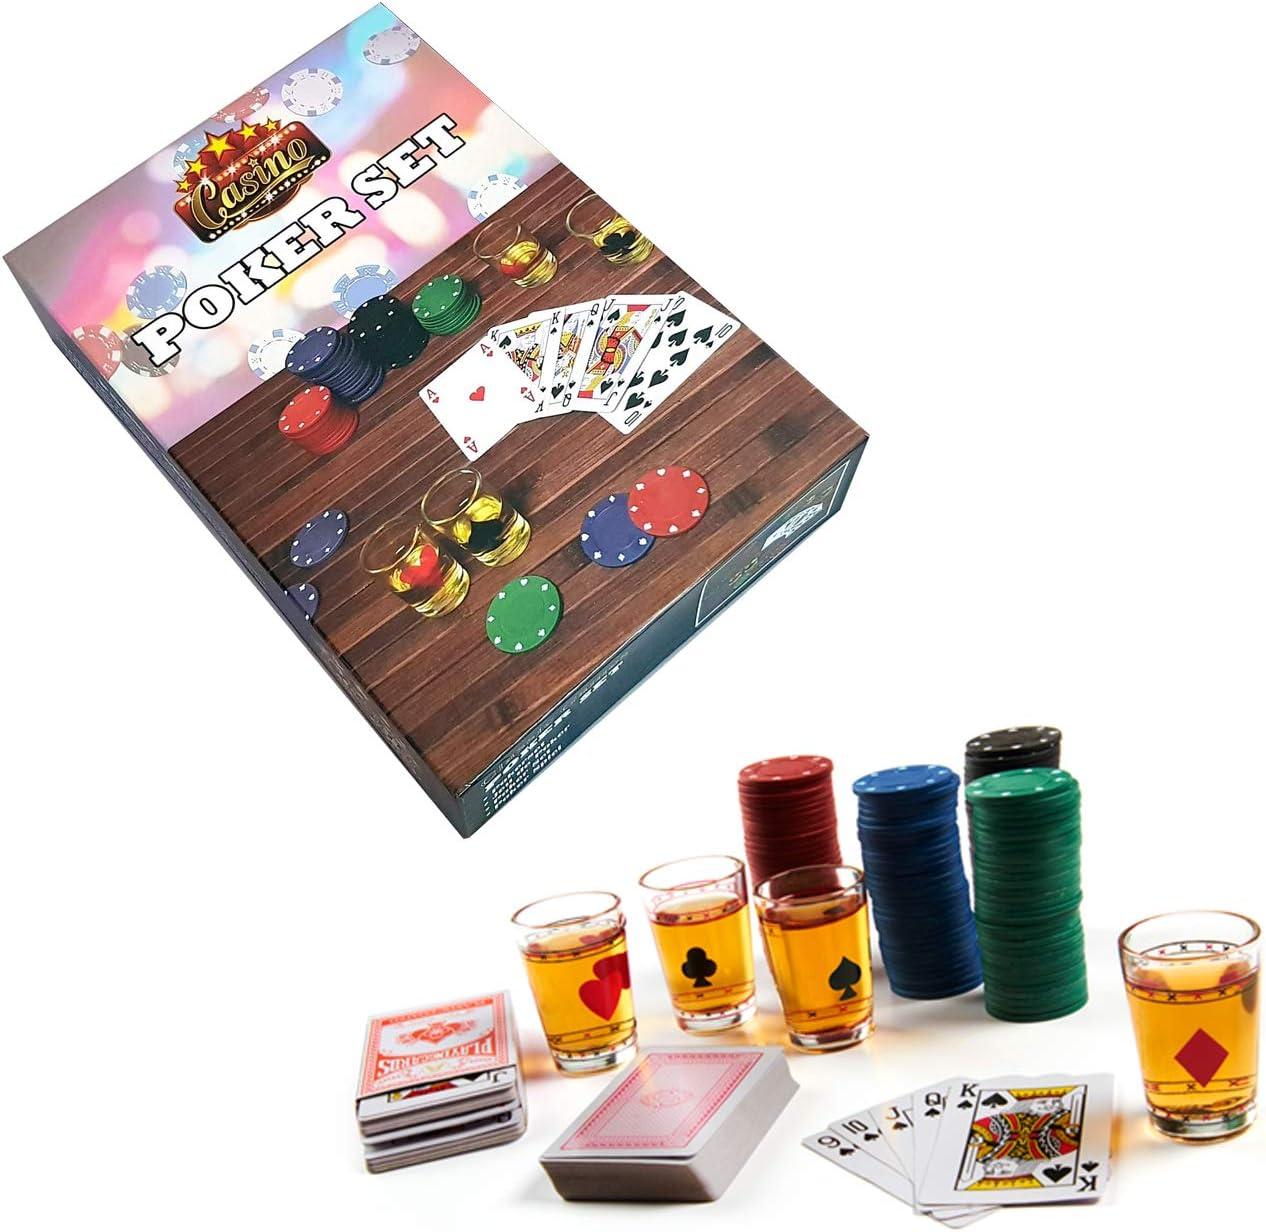 Set de Poker Casino con chupitos. Juega con chupitos al póker. Contiene 120 fichas, 4 Vasos de chupito y 2 Barajas de Cartas: Amazon.es: Juguetes y juegos